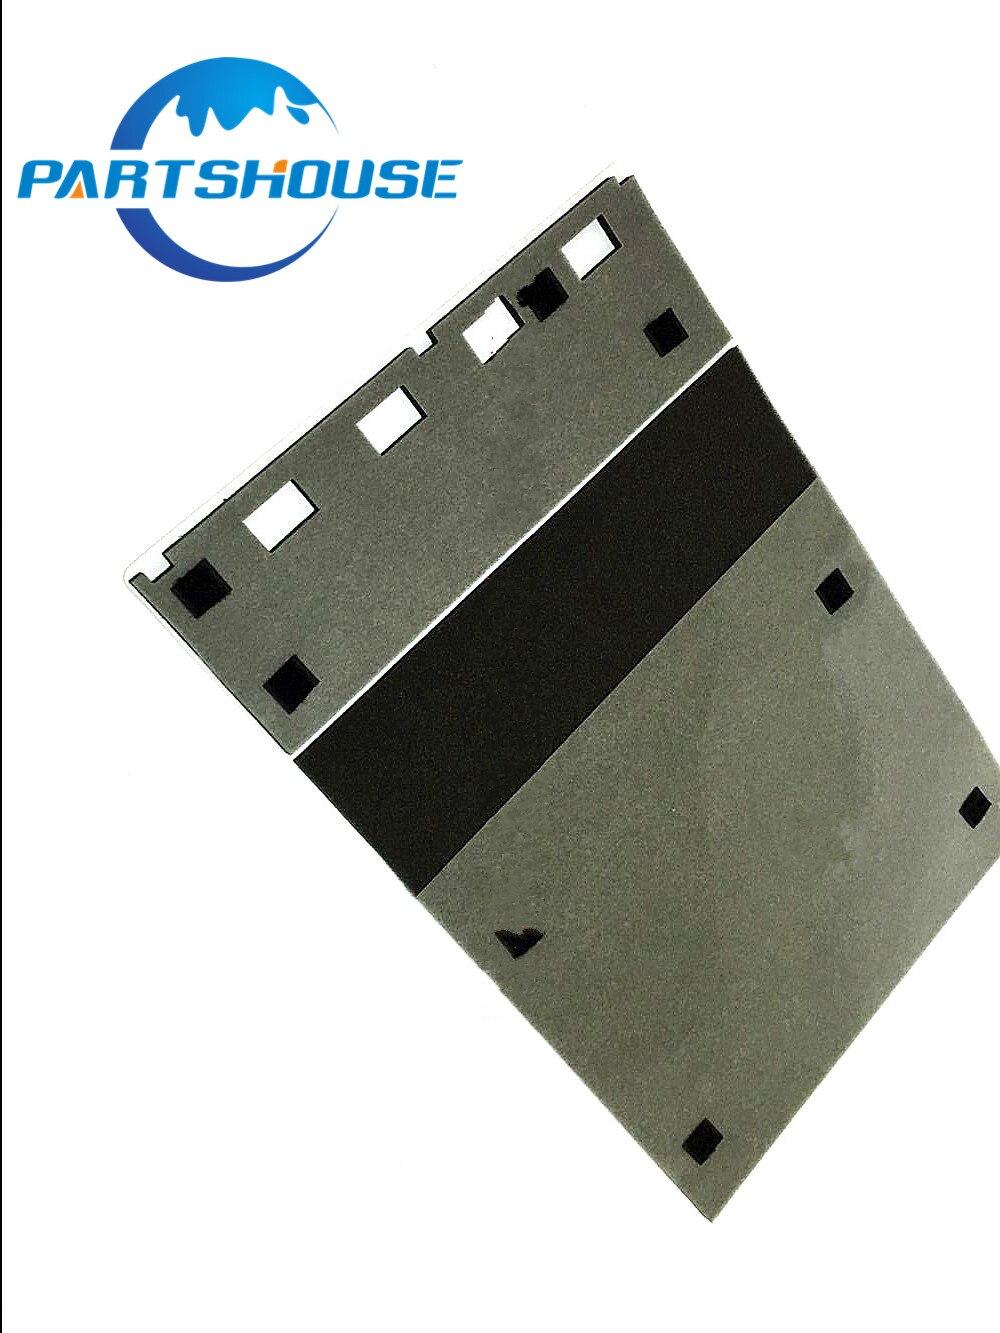 2Pcs ADF Unit Sponge Cover For Ricoh Aficio AF1060 1076 2060 2075 MP5500 MP6500 MP7500 MP8000 MP9001 Printer ADF Sponge Cover